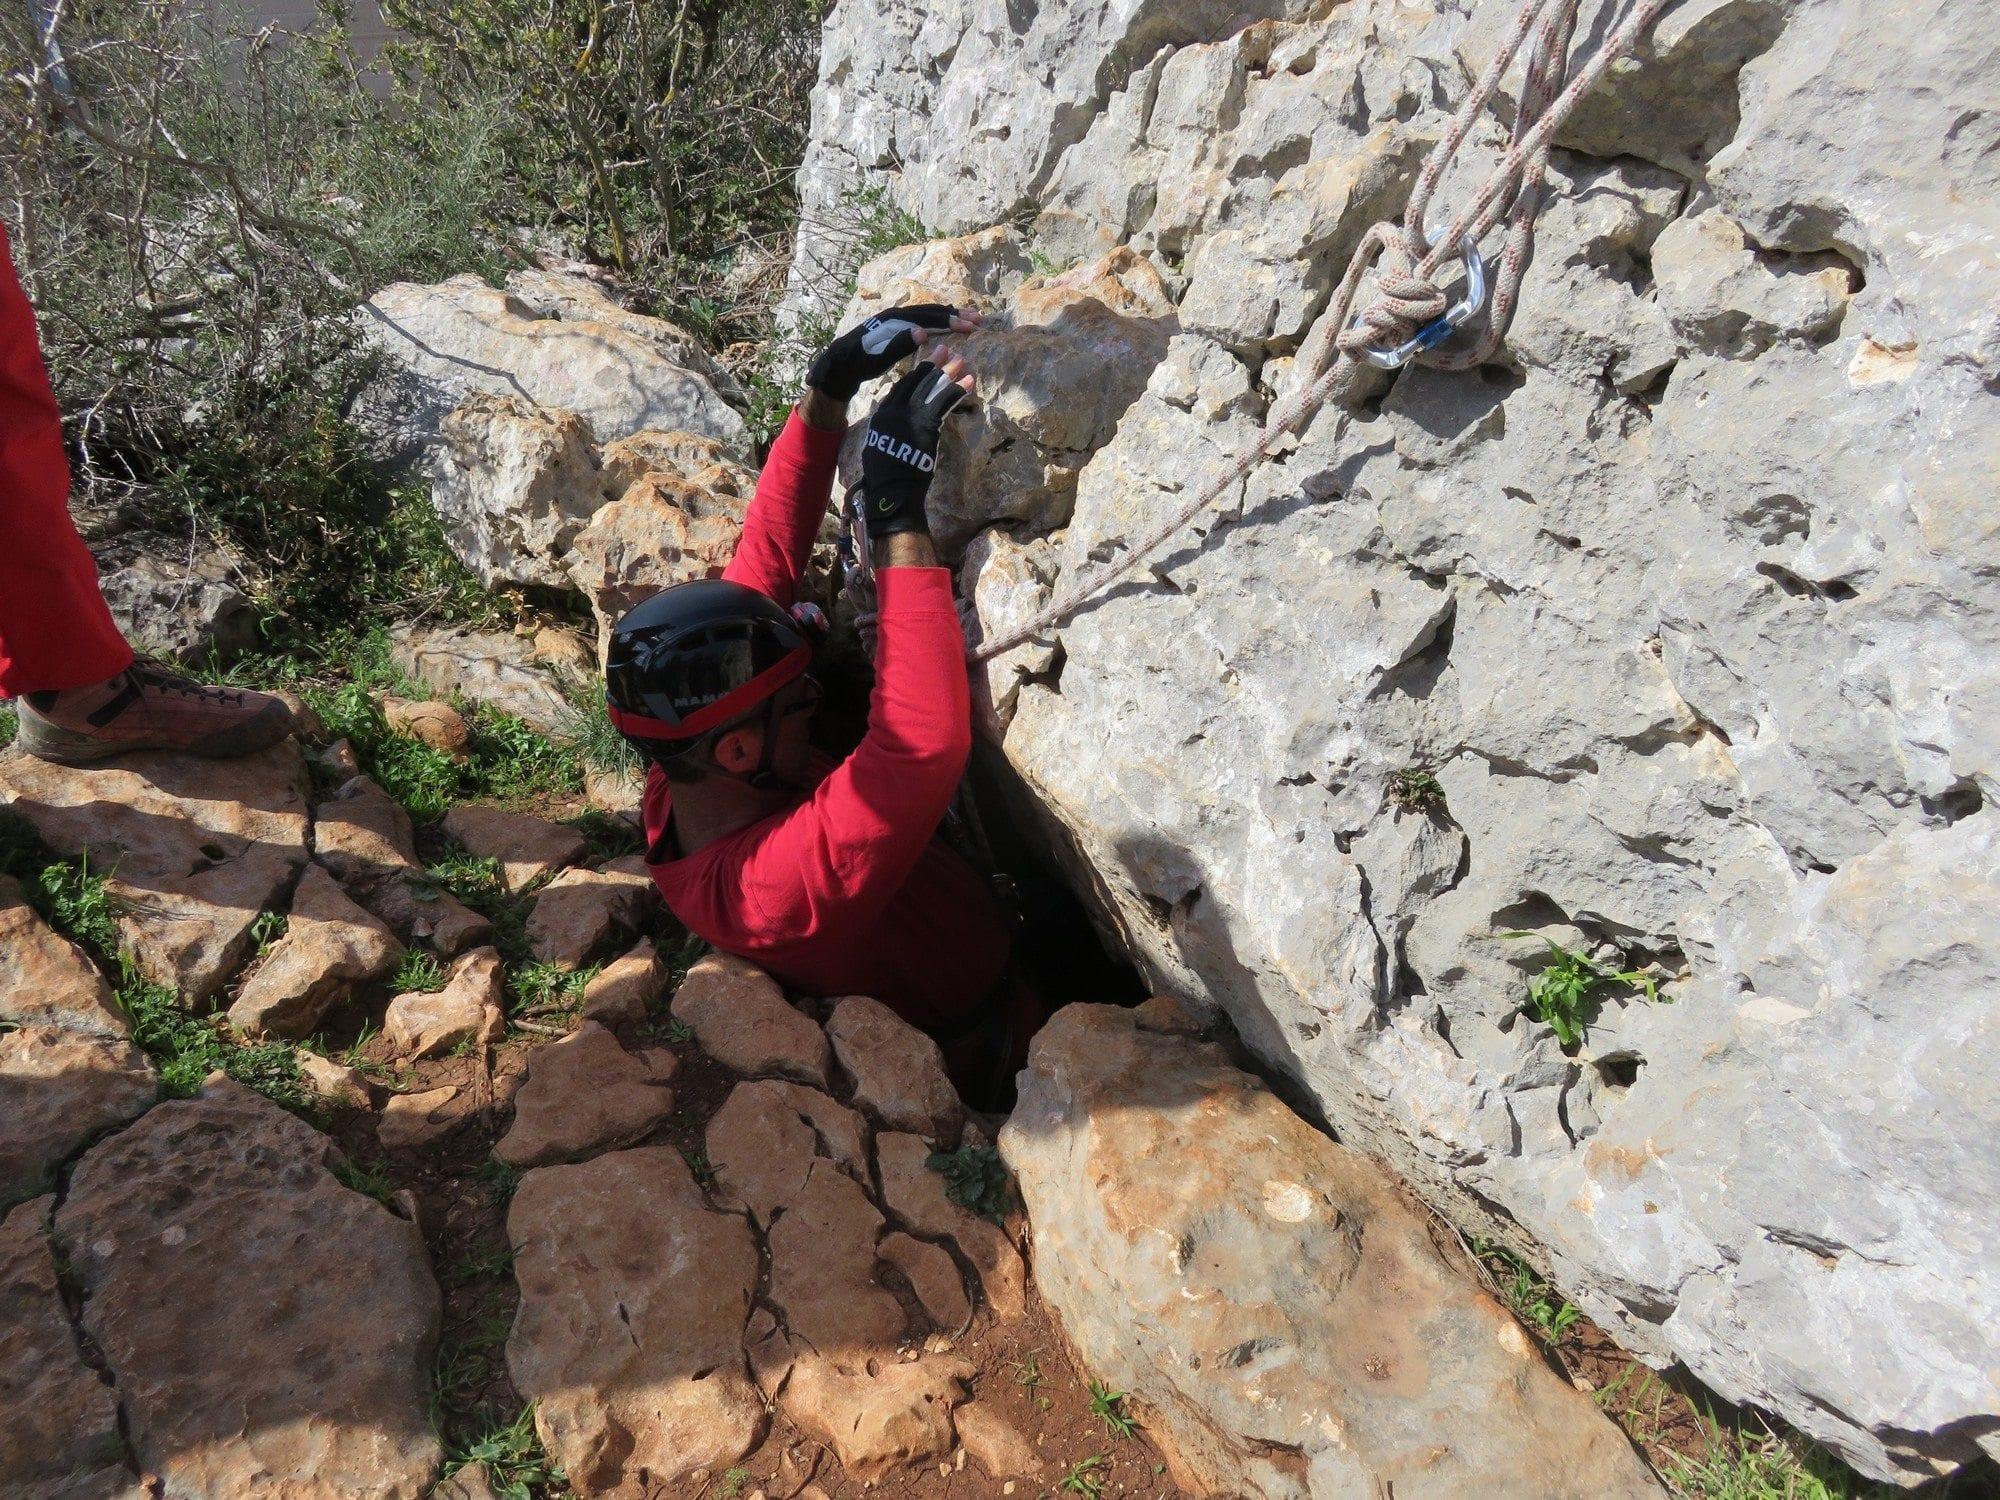 כניסת המערה - טיולי סנפלינג למערות עם ערוצים בטבע